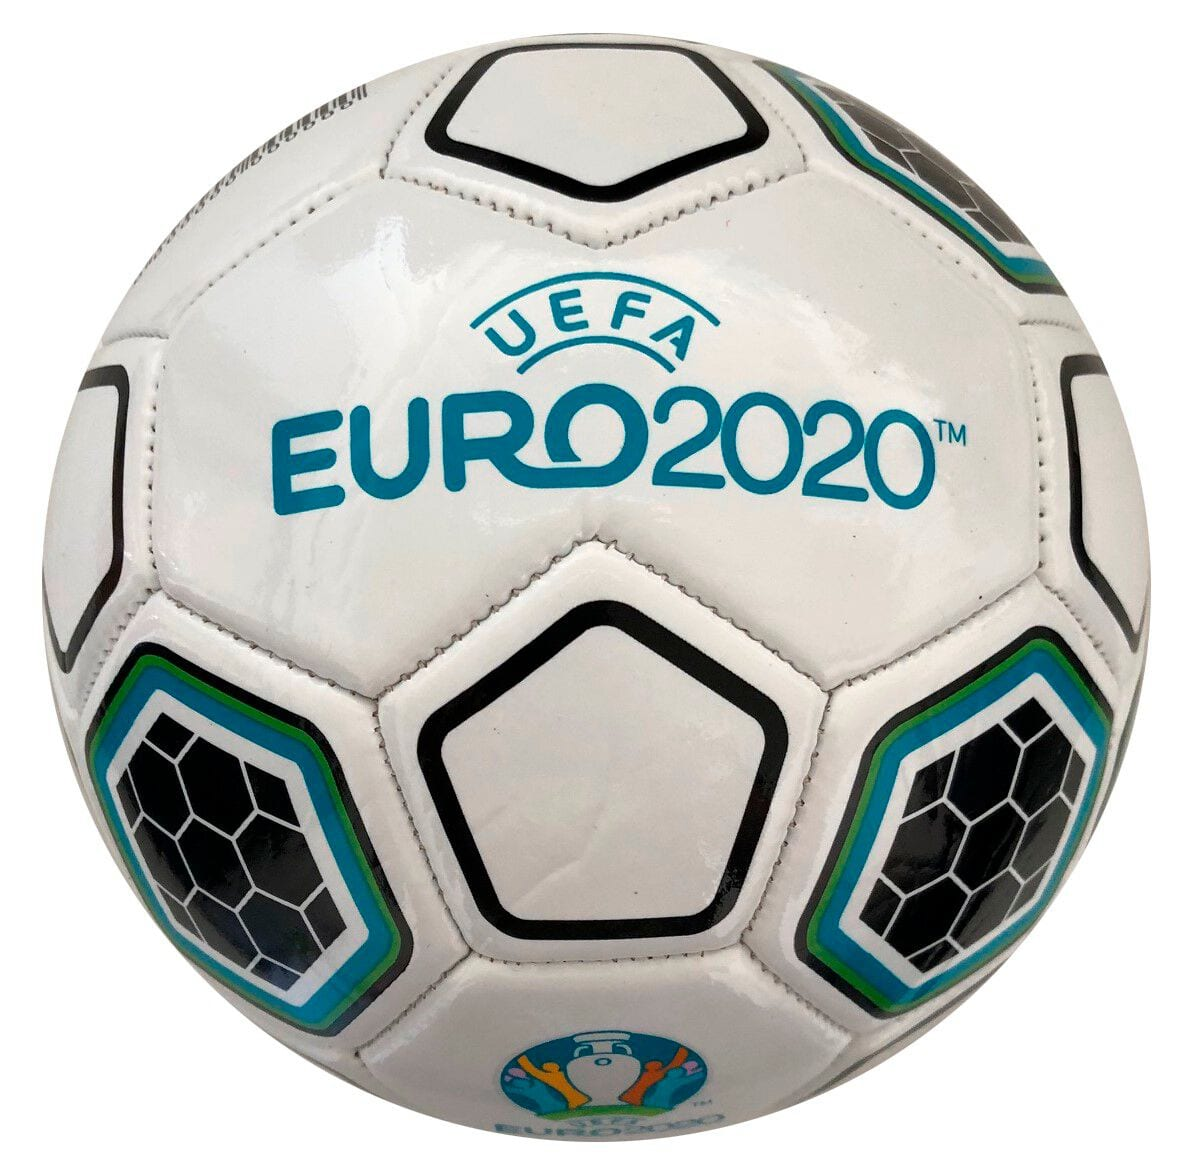 Tramondi Miniball Euro 2020 Ball